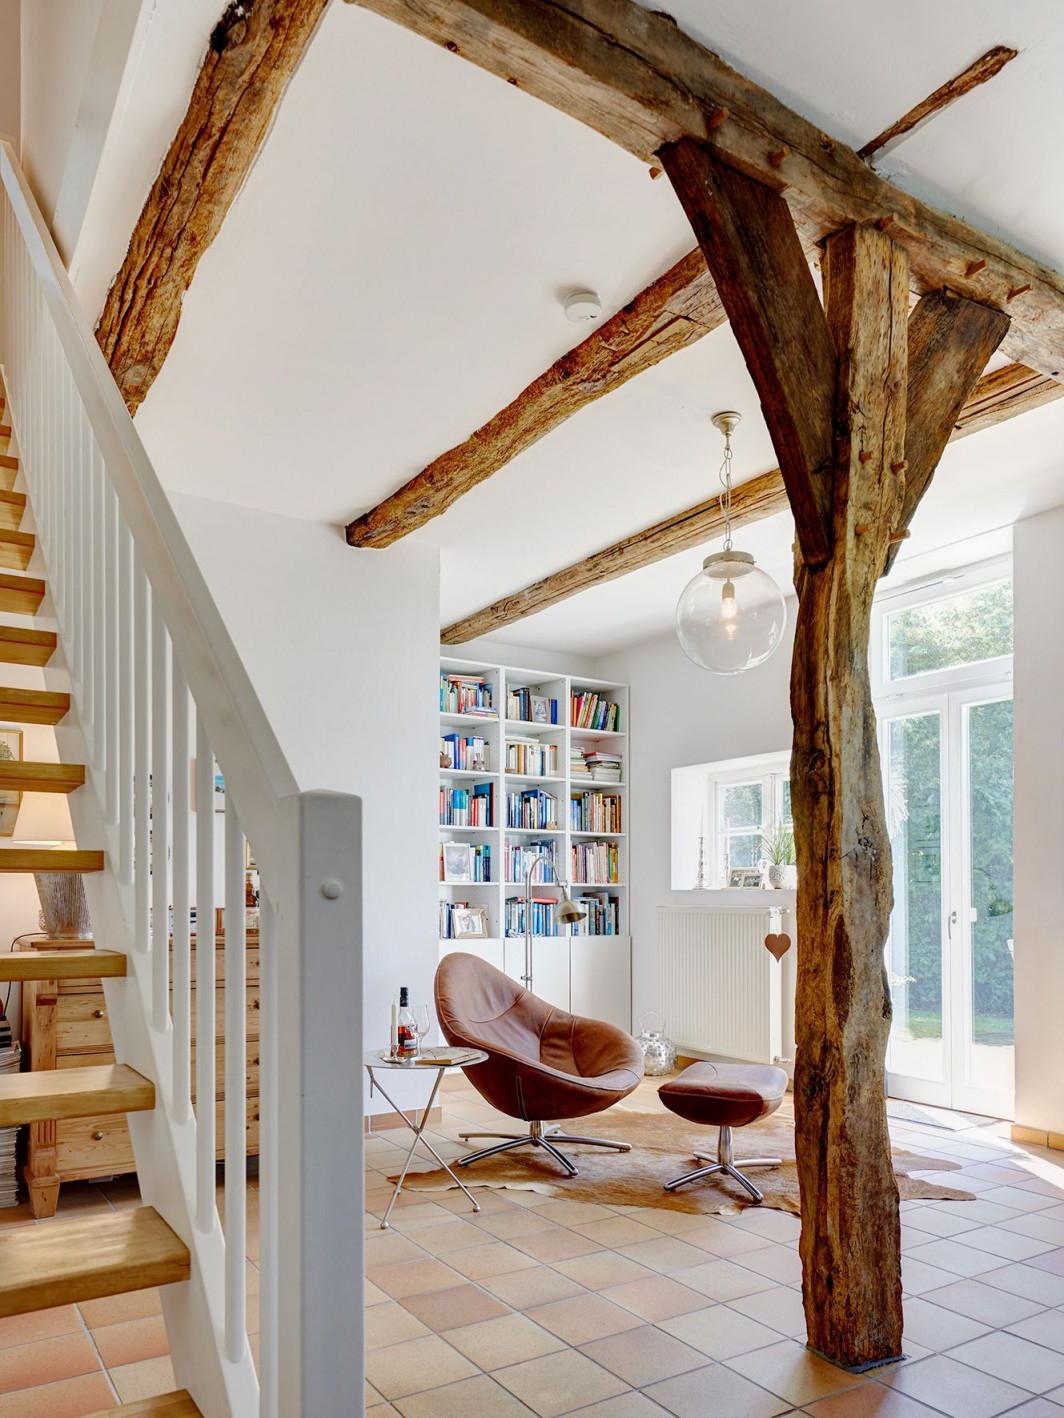 Deckengestaltung Ideen Für Die Gestaltung Der Zimmerdecke von Deckengestaltung Wohnzimmer Ideen Photo